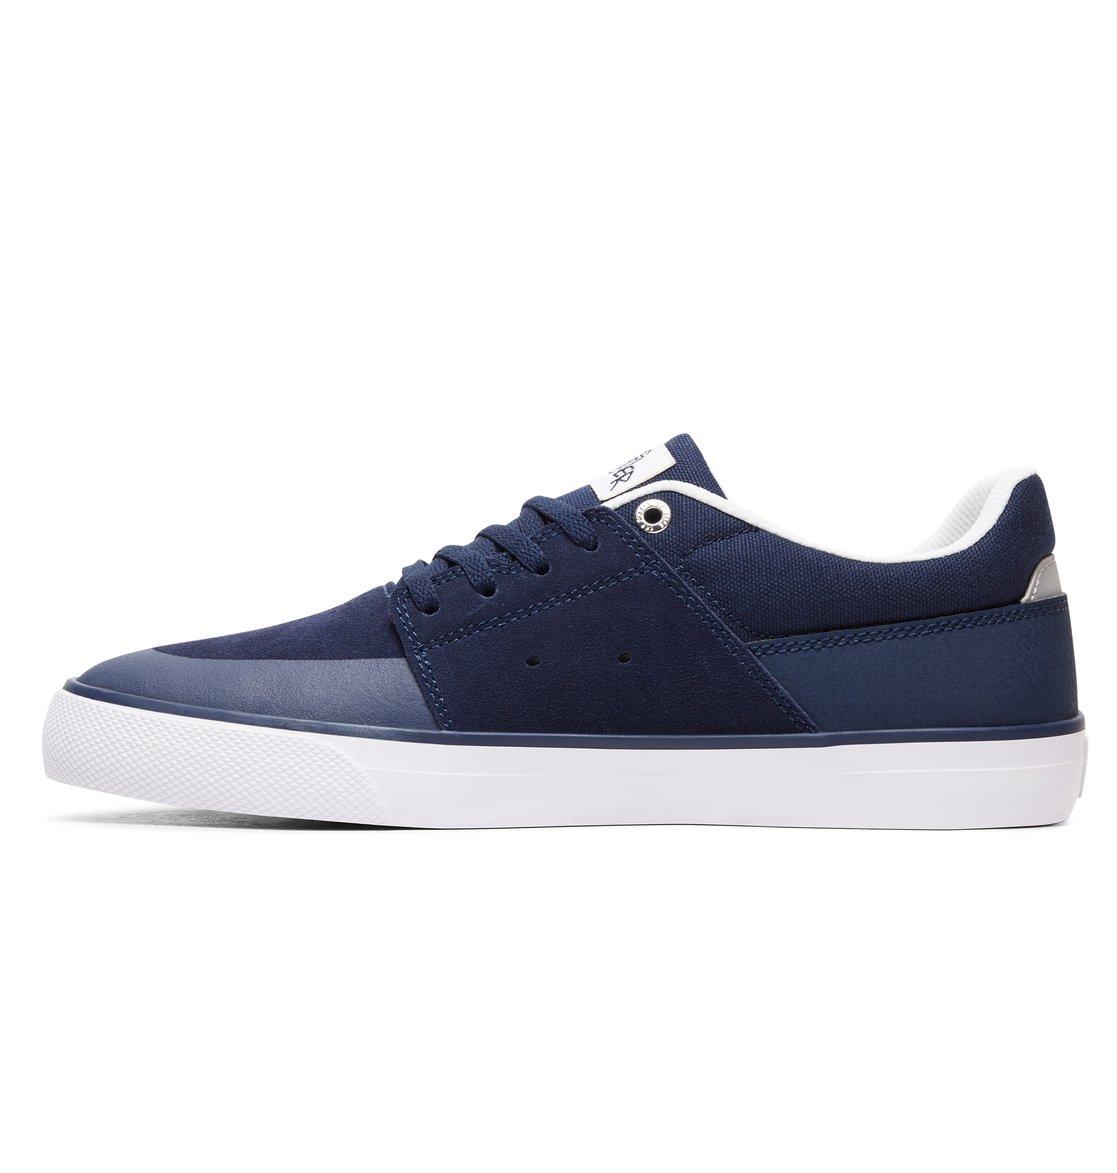 DC-Shoes-Wes-Kremer-Baskets-pour-Homme-ADYS300315 miniature 4